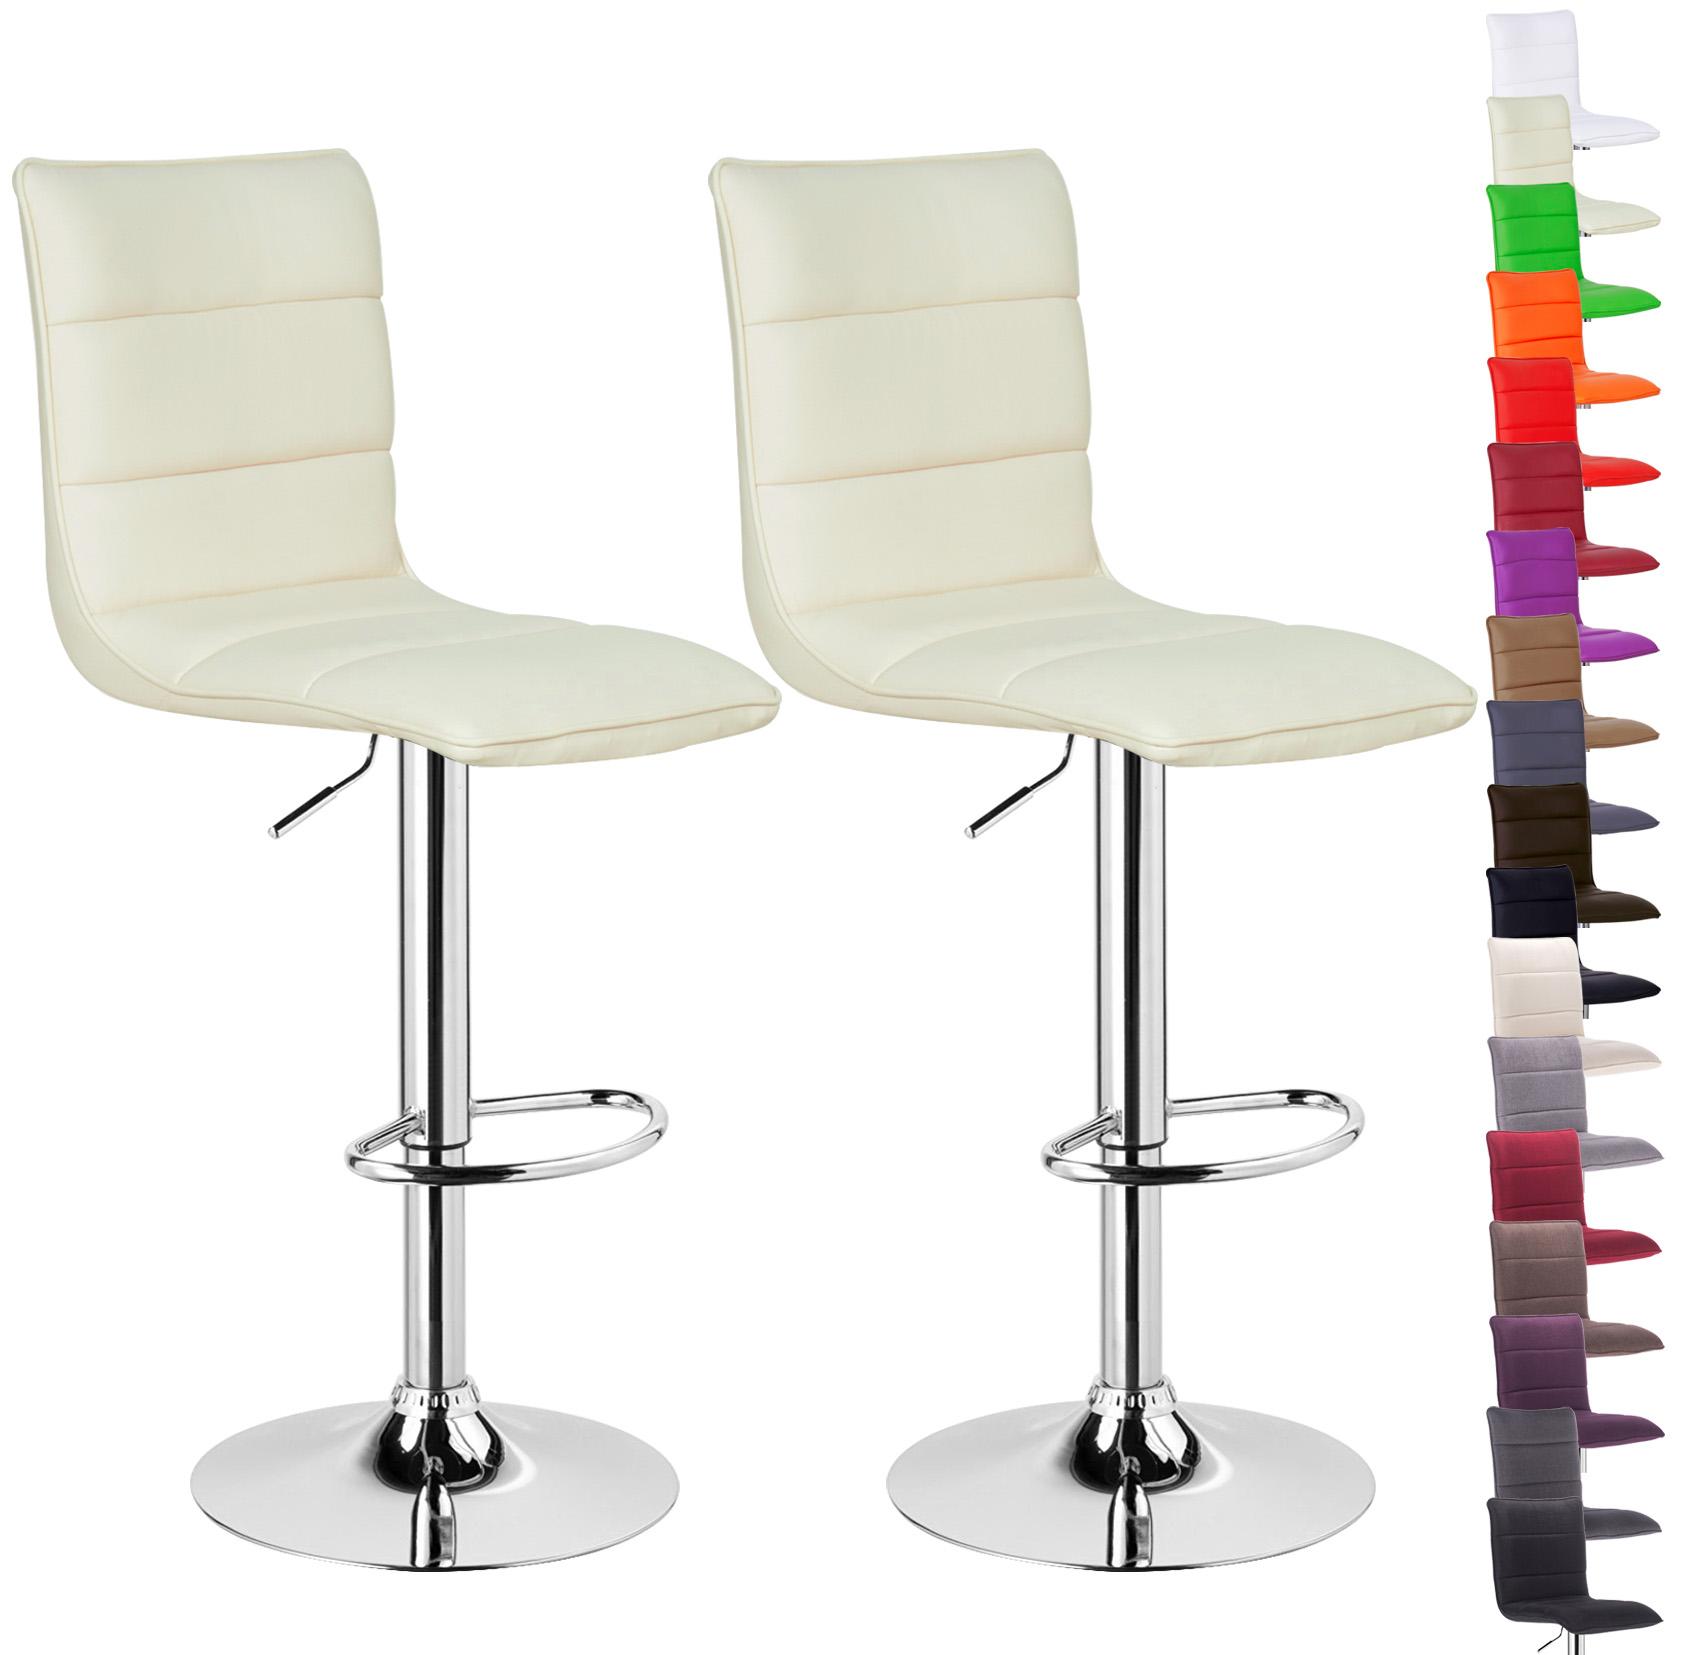 Fabelhaft Stuhl Gepolstert Sammlung Von Barhocker-barstuhl-2x-tresen-hocker-kunstleder-stuhl-gepolstert-